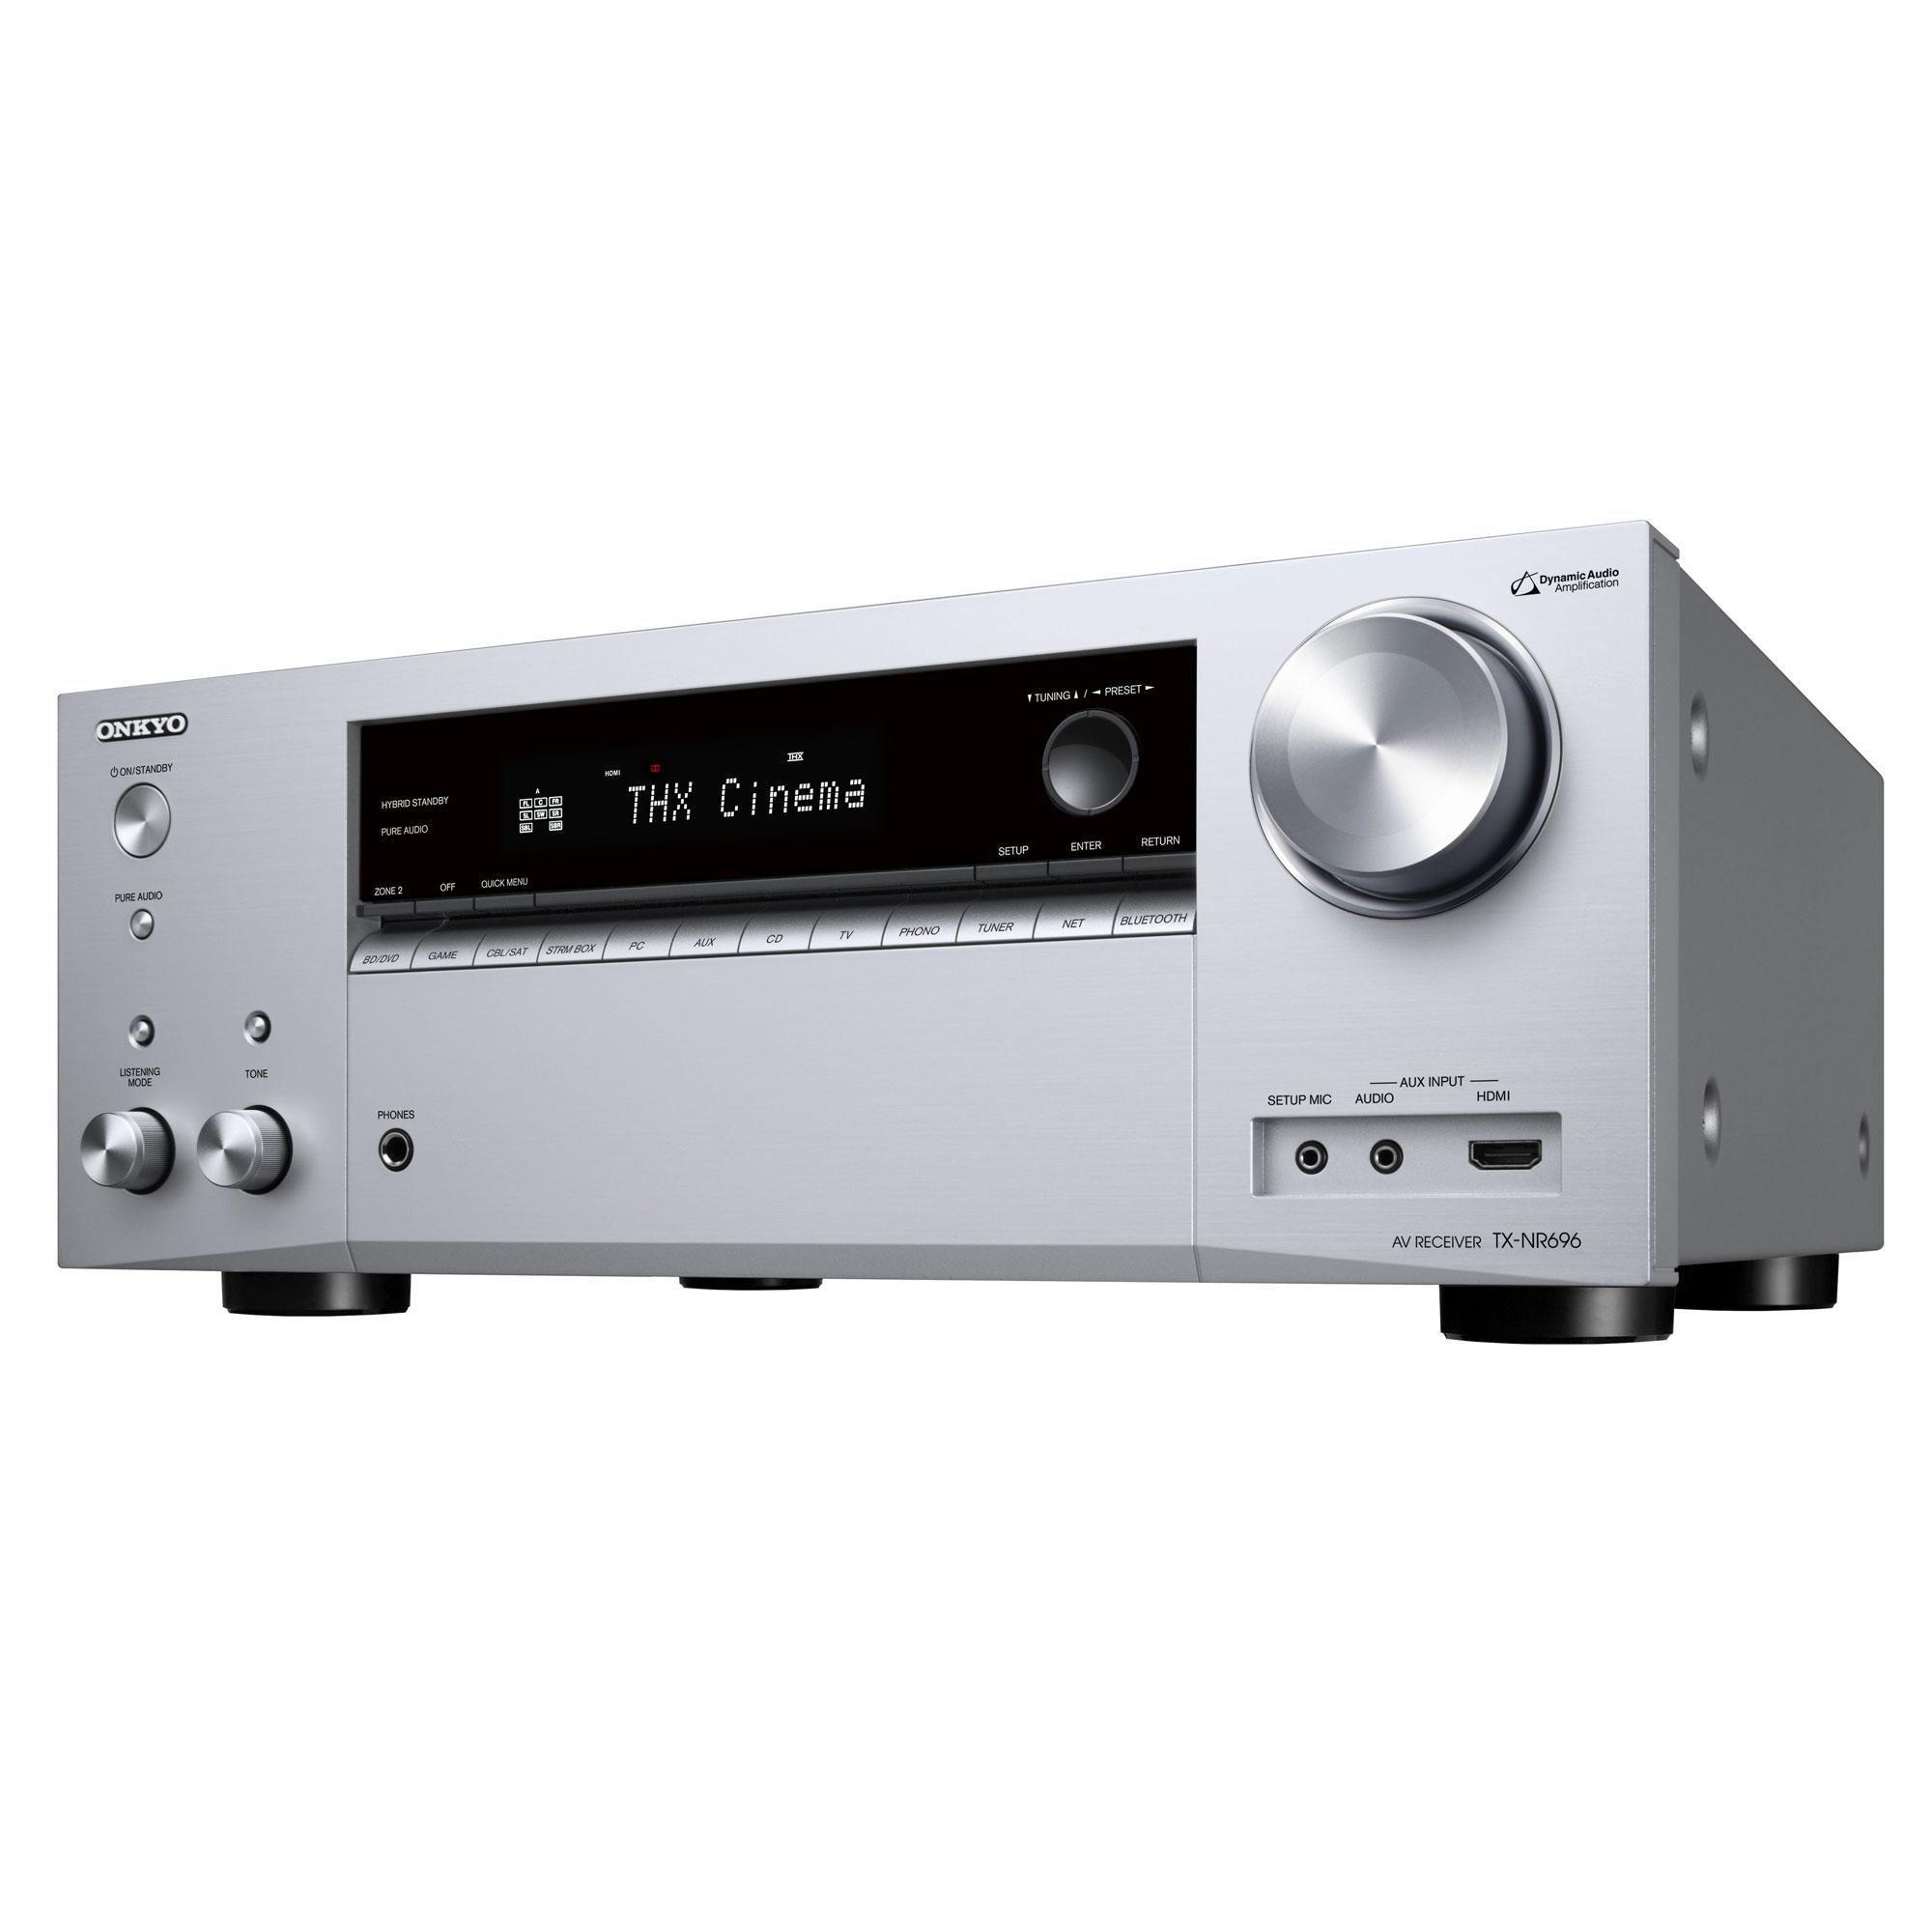 Onkyo TX-NR 696 silber Heimkinoreceiver 101151